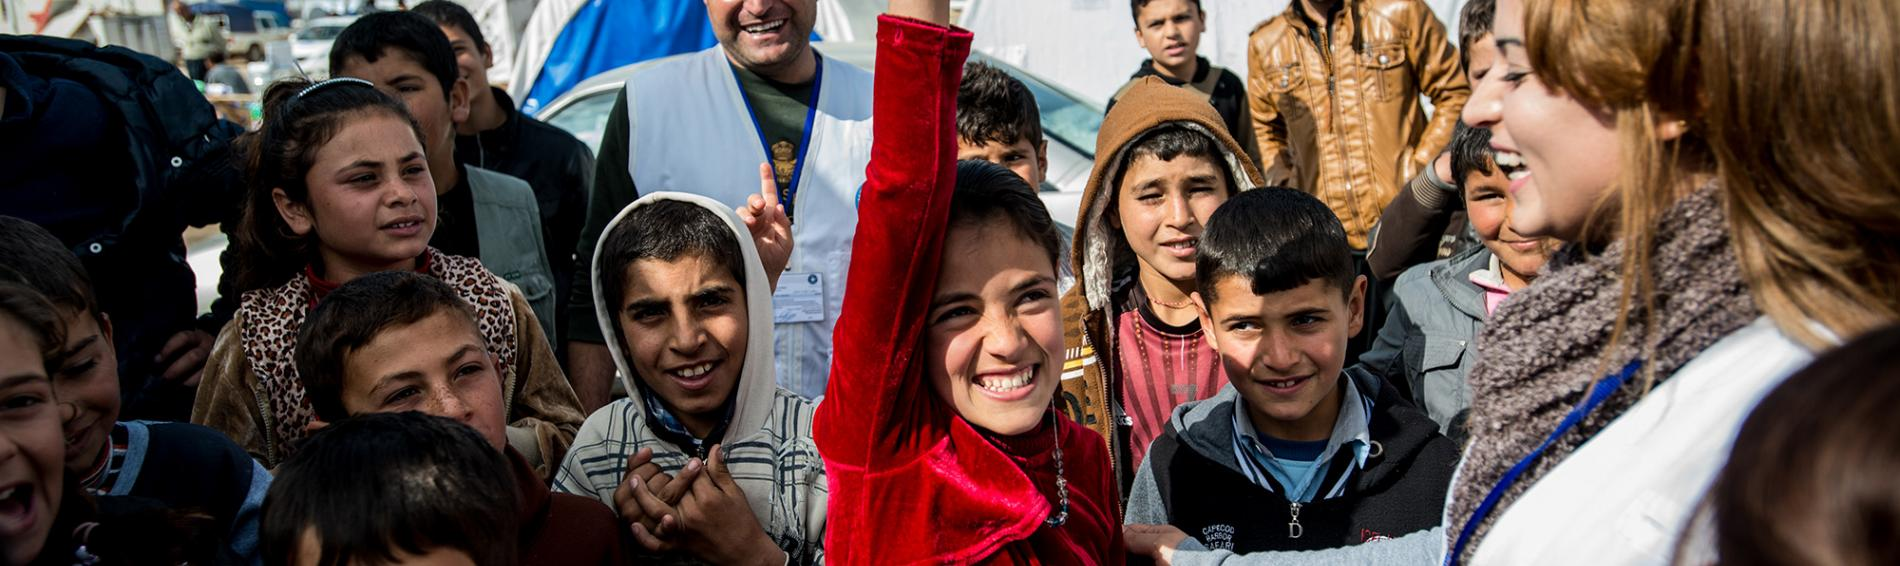 Eine unserer Psychologinnen kümmert sich um Flüchtlingskinder im Flüchtlingscamp bei Zakho. Foto: Guillaume Pinon